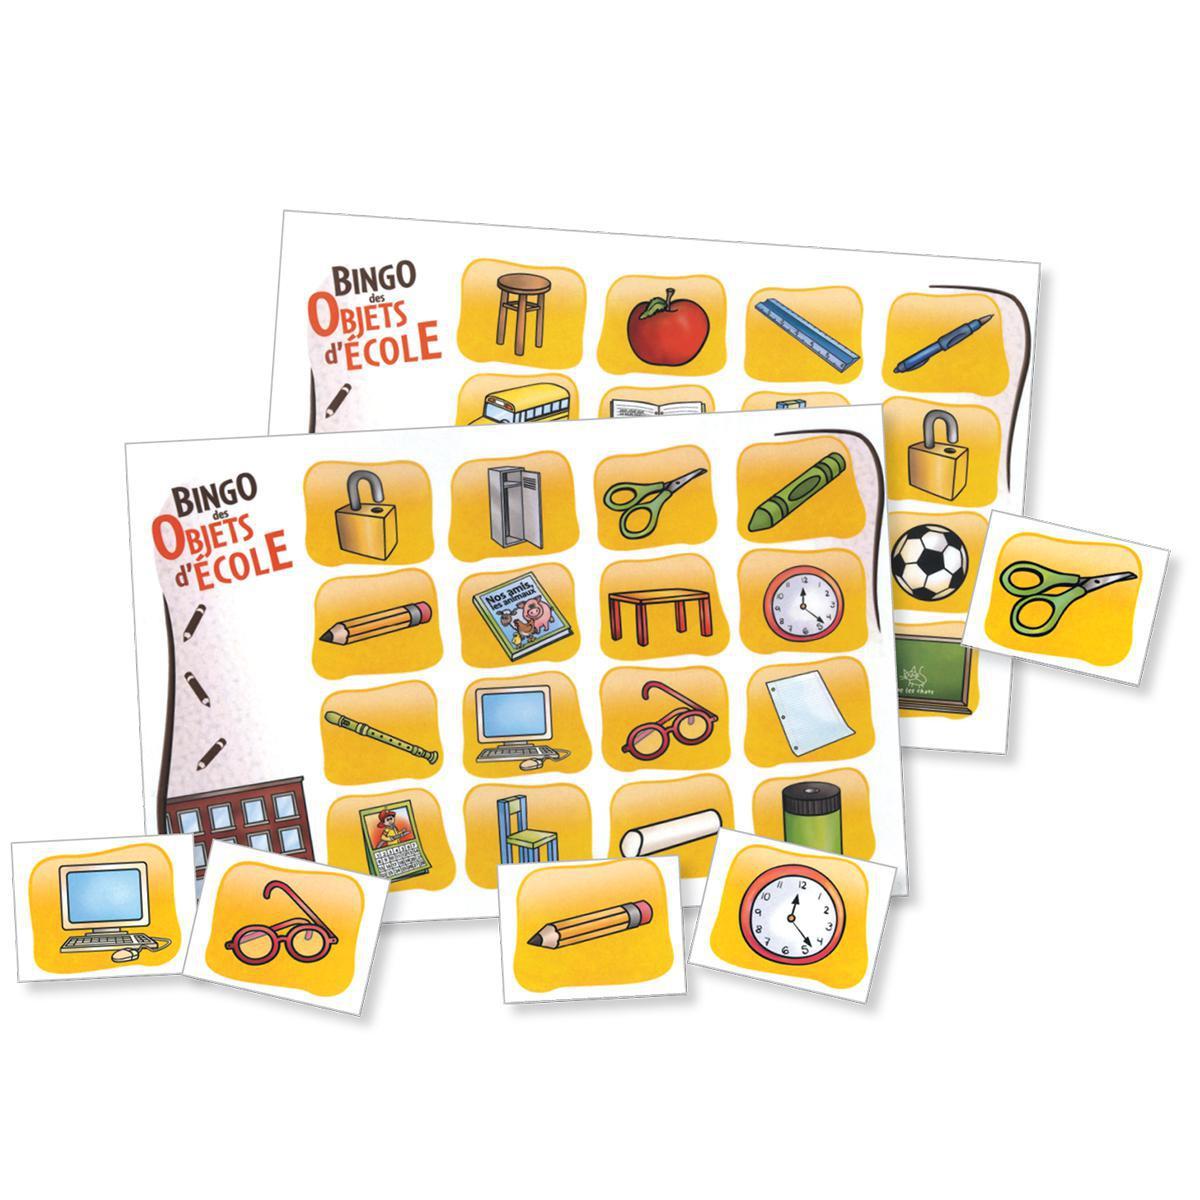 Bingo des objets d'école